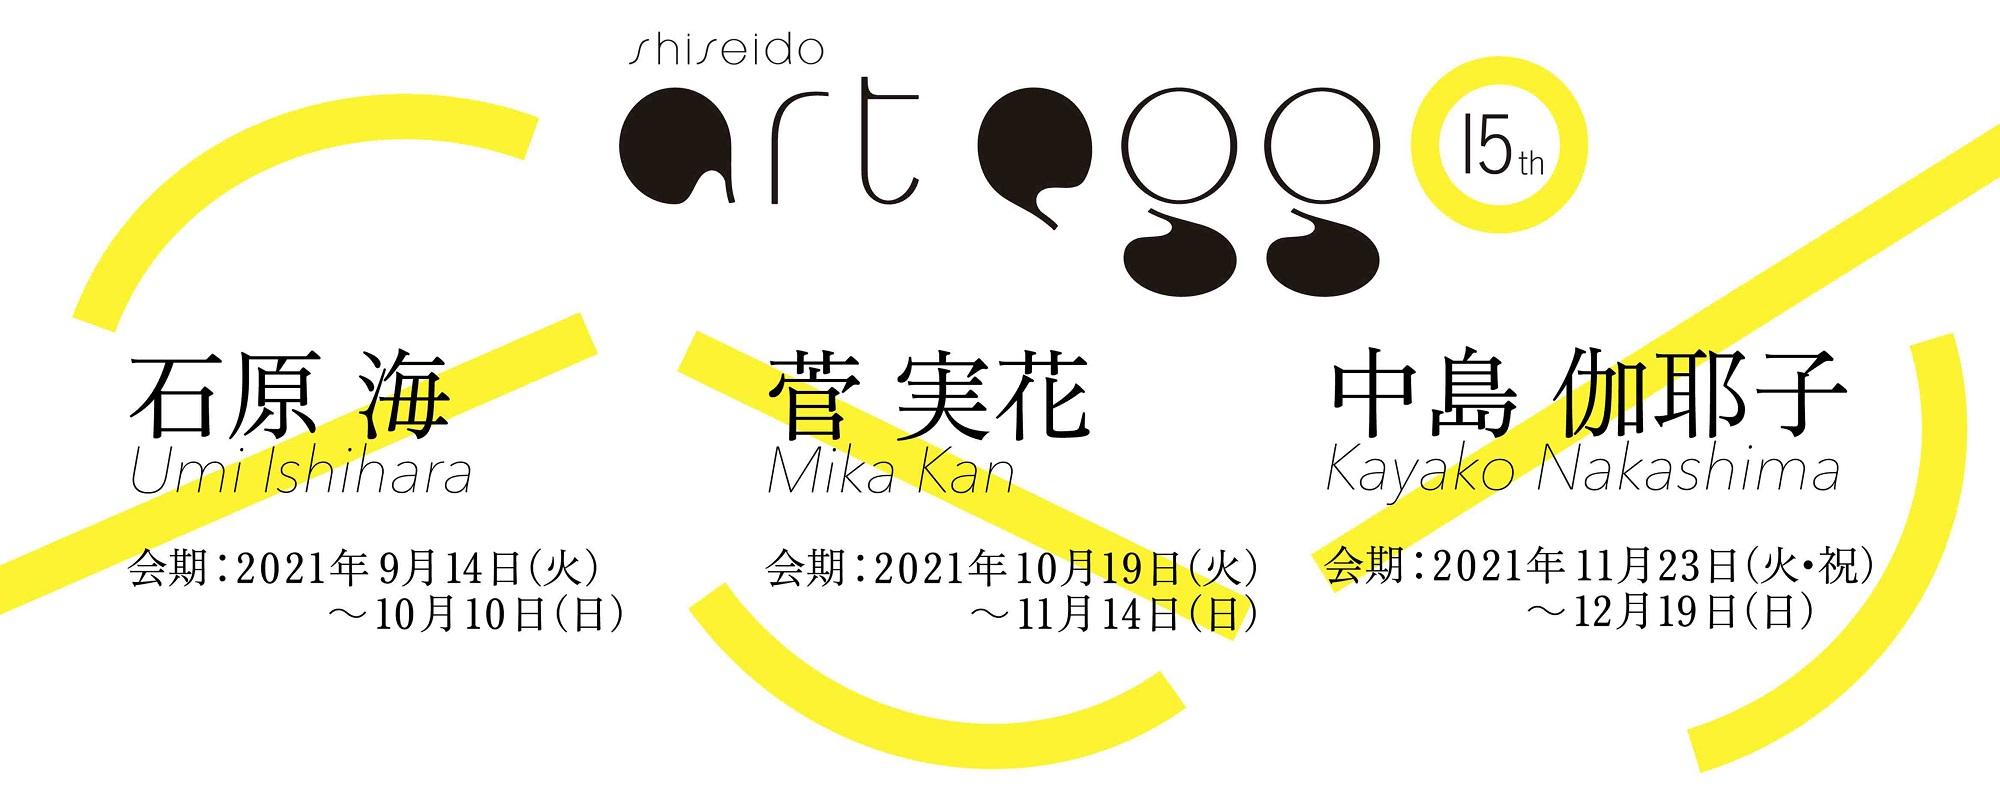 """""""The 15th shiseido art egg"""""""